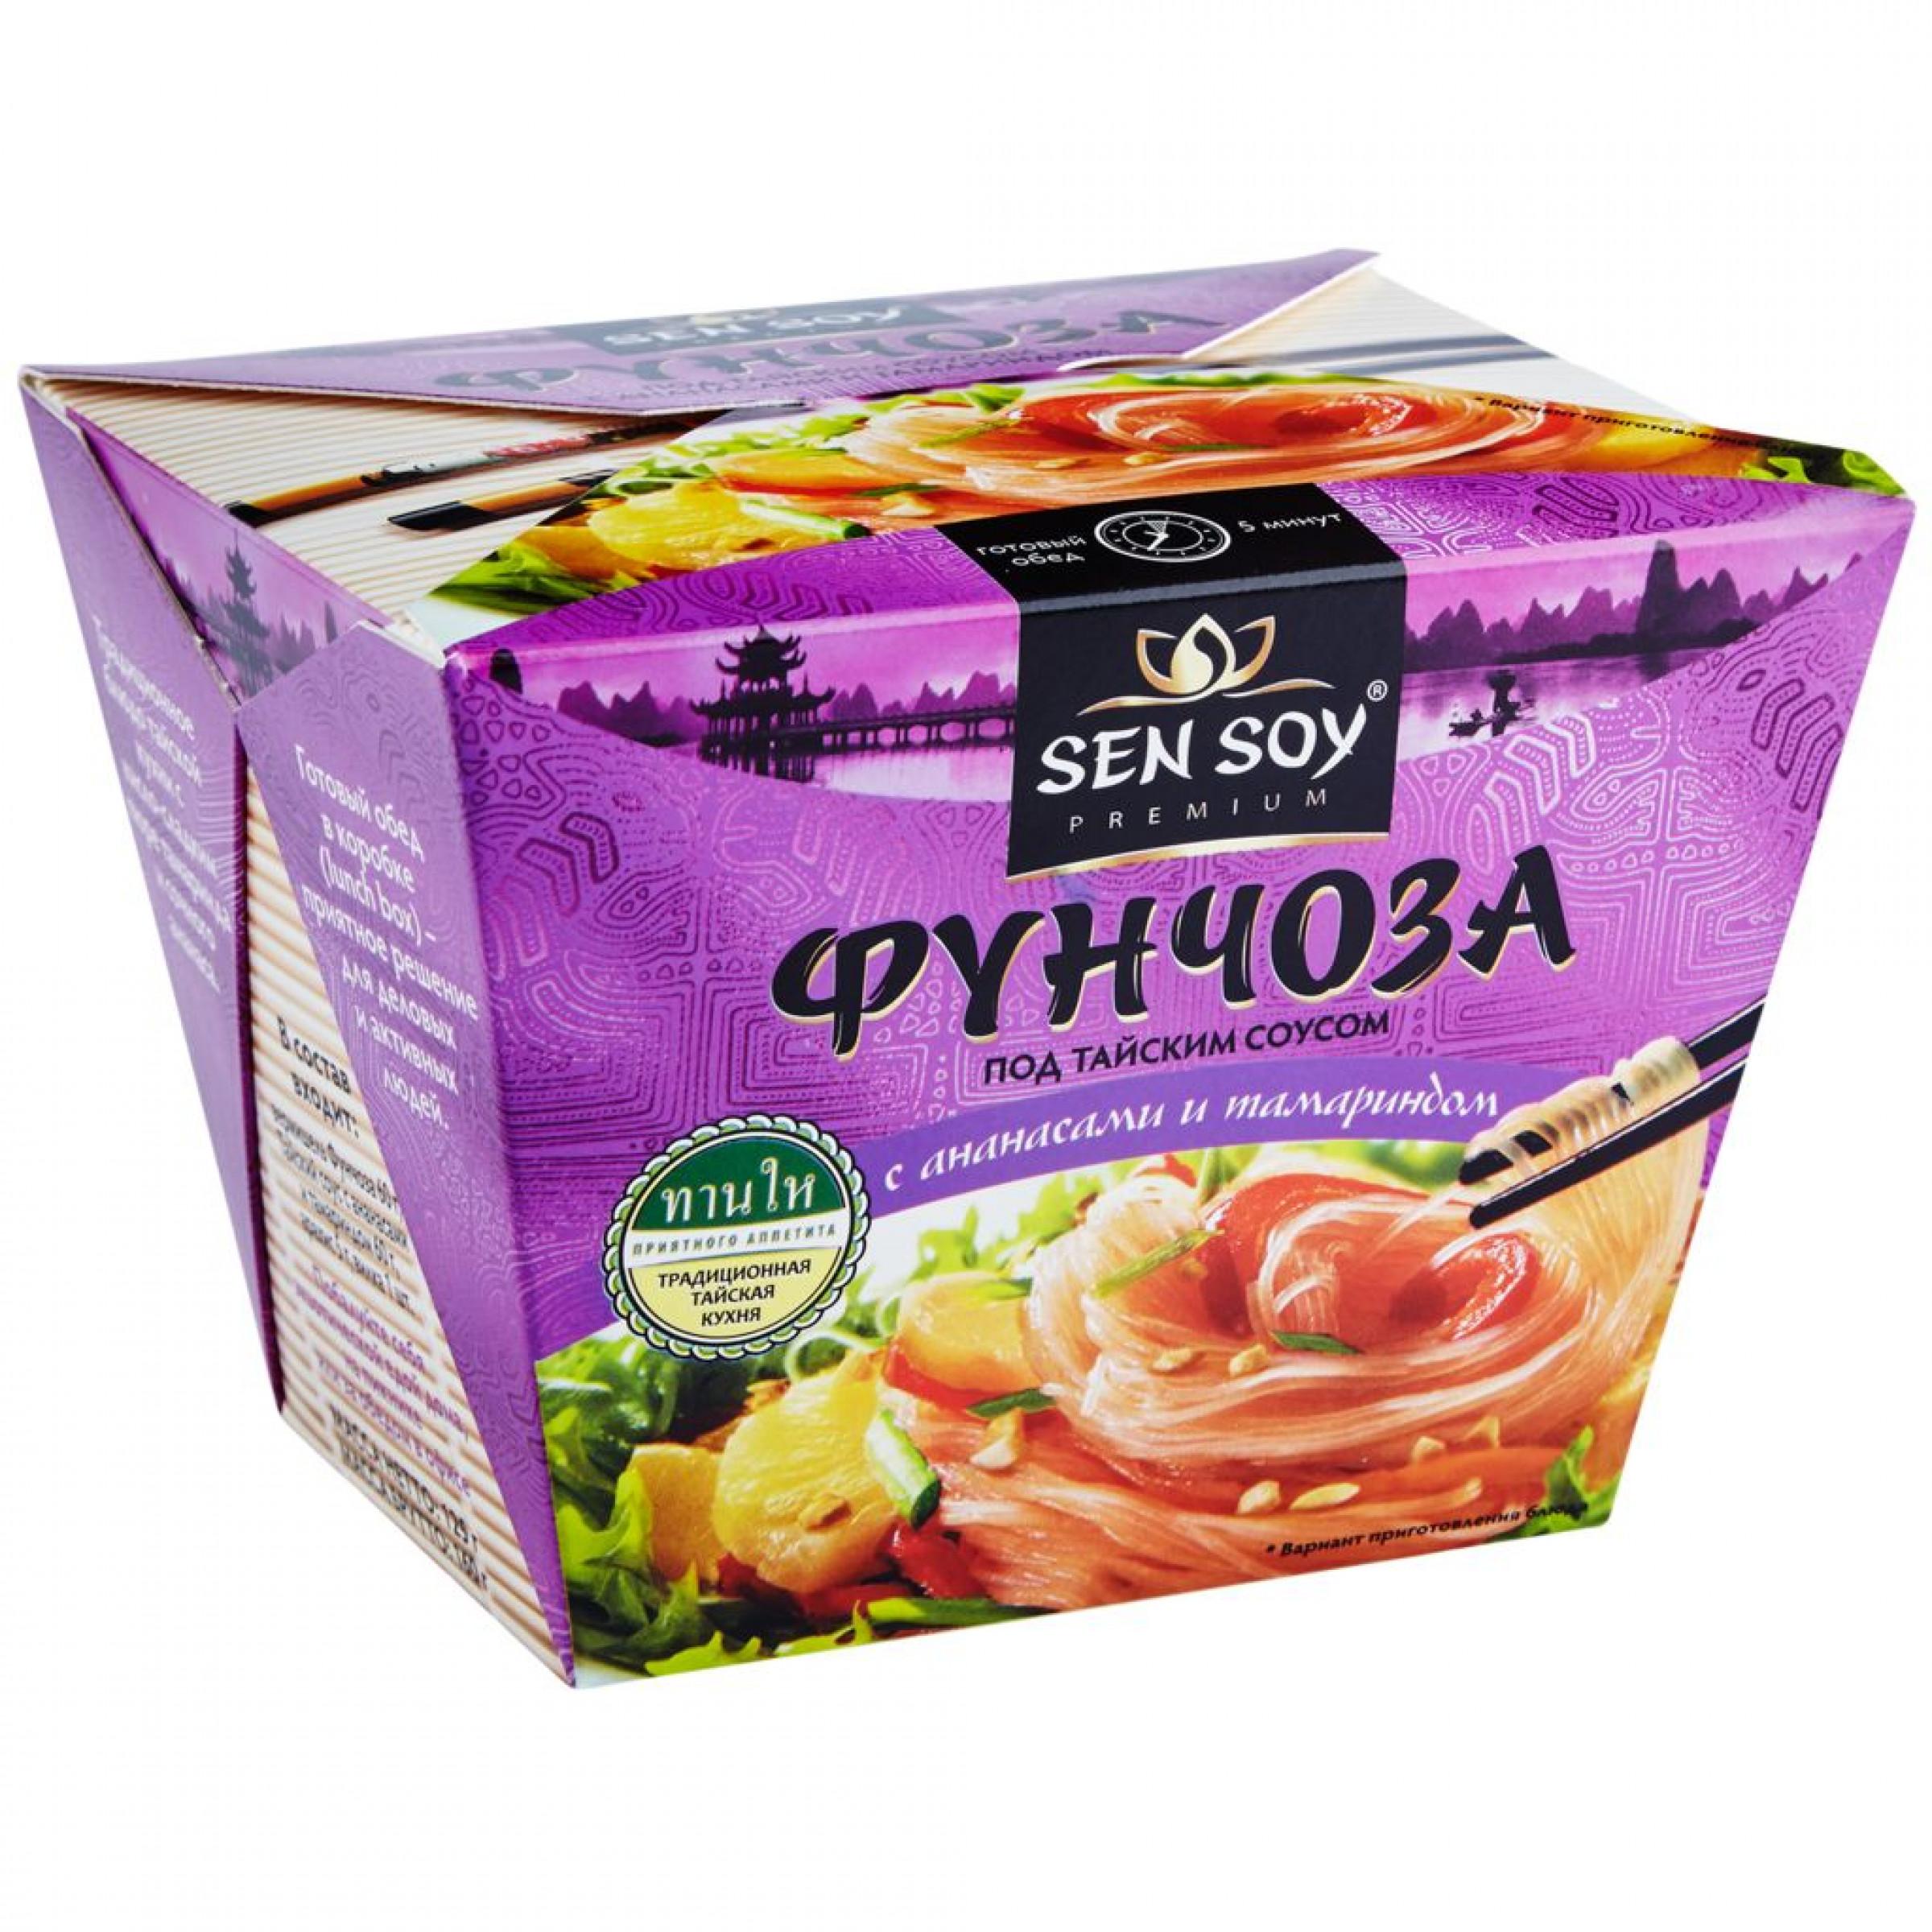 Сэнсой Премиум Фунчоза под Тайским соусом, 125 гр